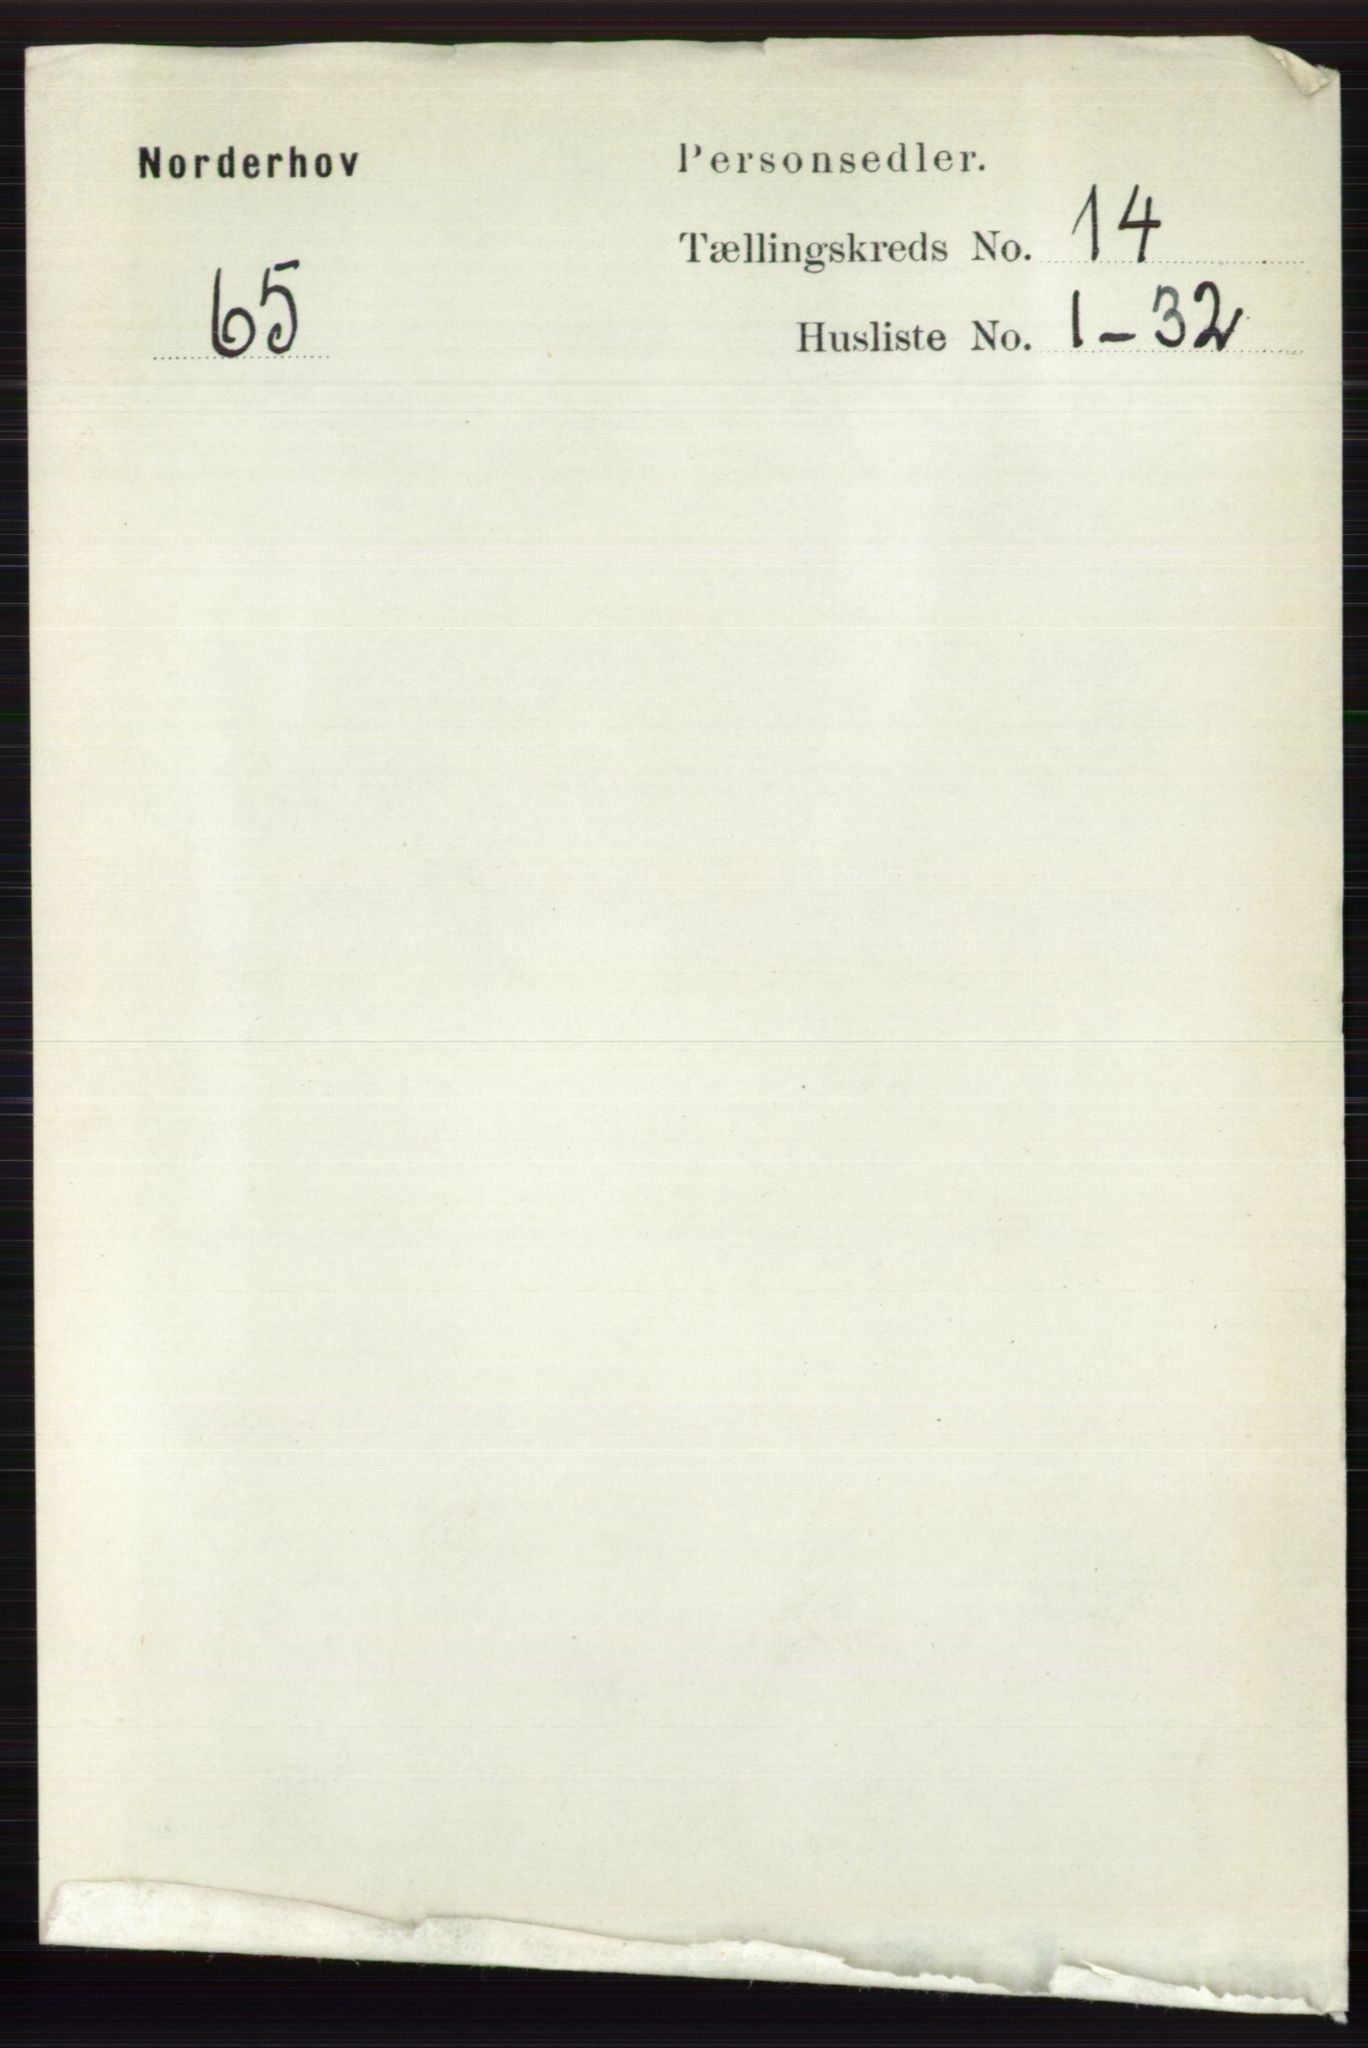 RA, Folketelling 1891 for 0613 Norderhov herred, 1891, s. 9328